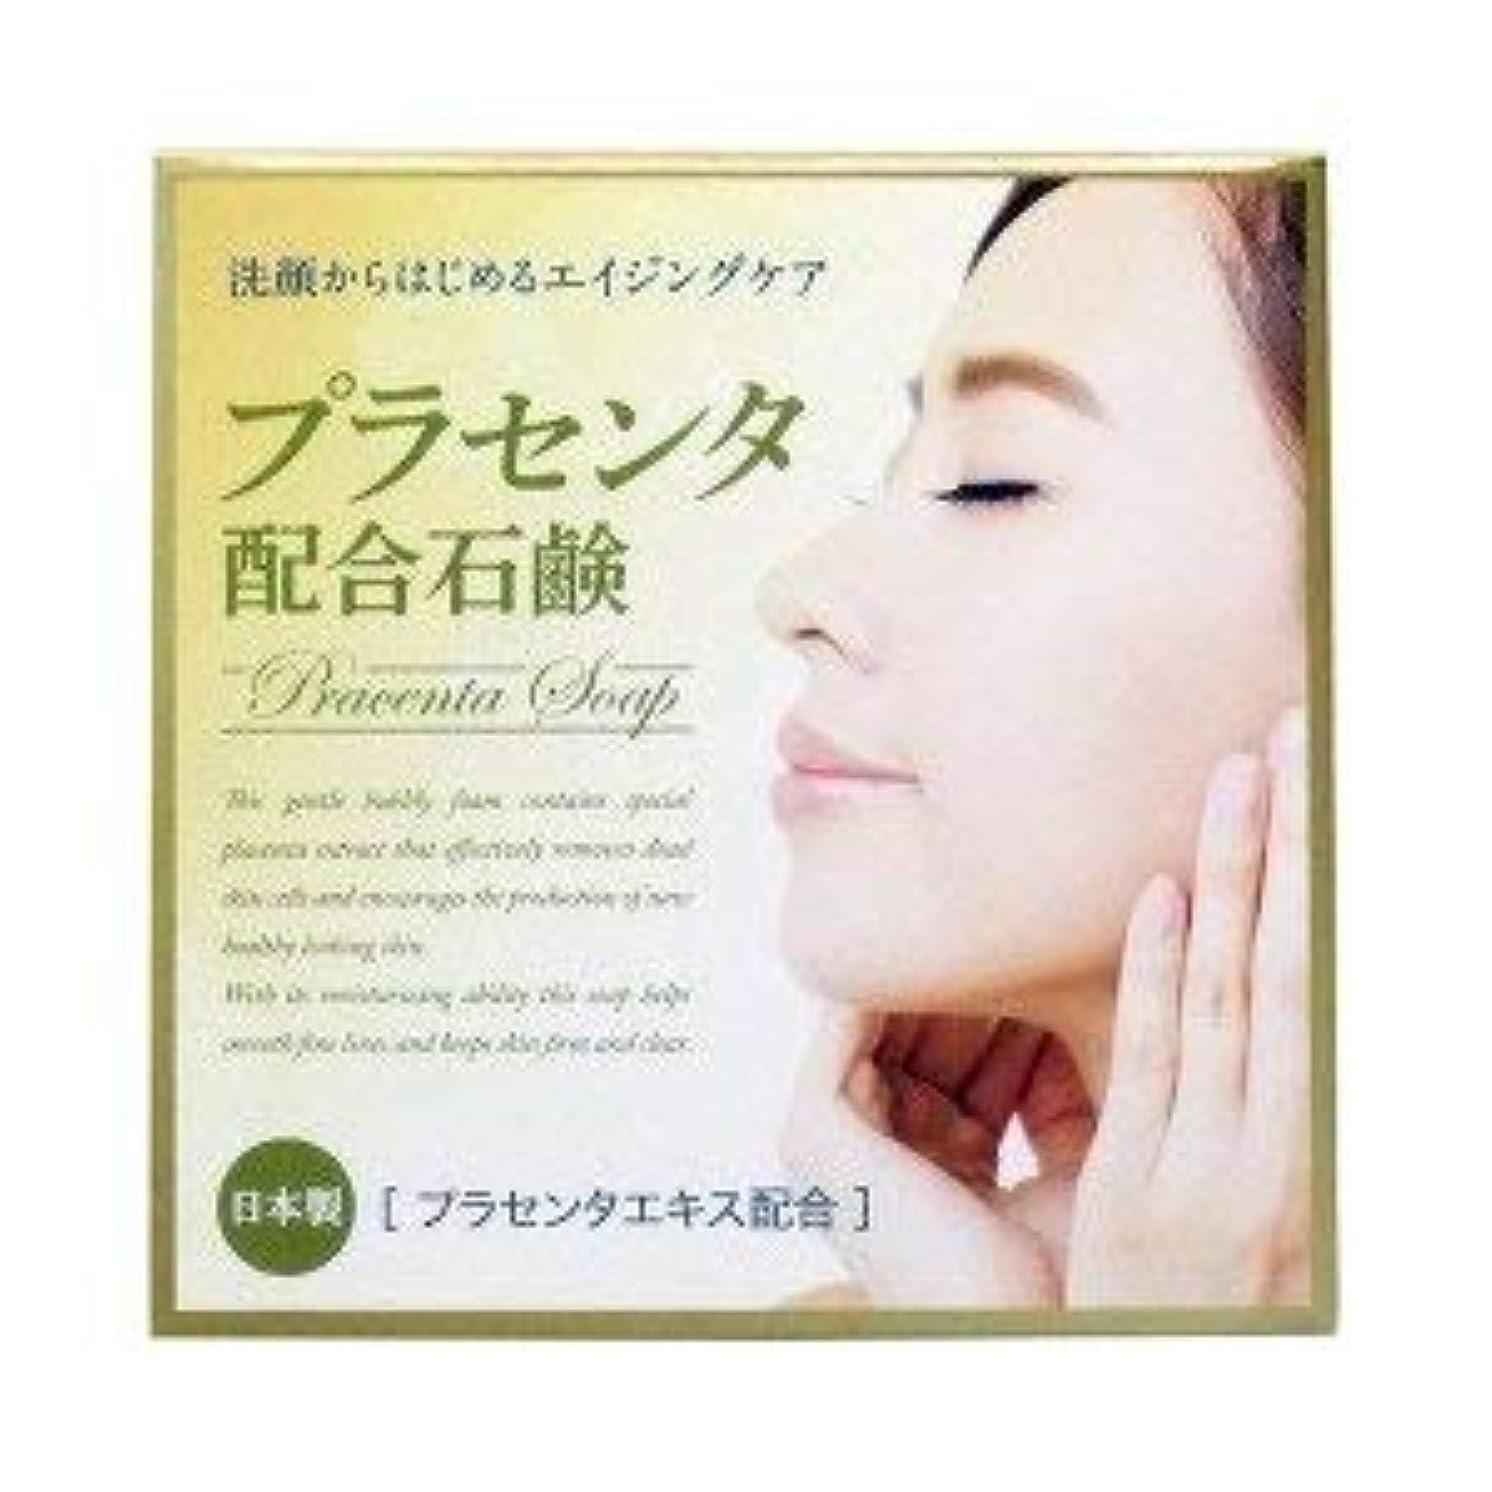 プラセンタ配合石鹸 80g×2 2個1セット プラセンタエキス保湿成分配合 日本製